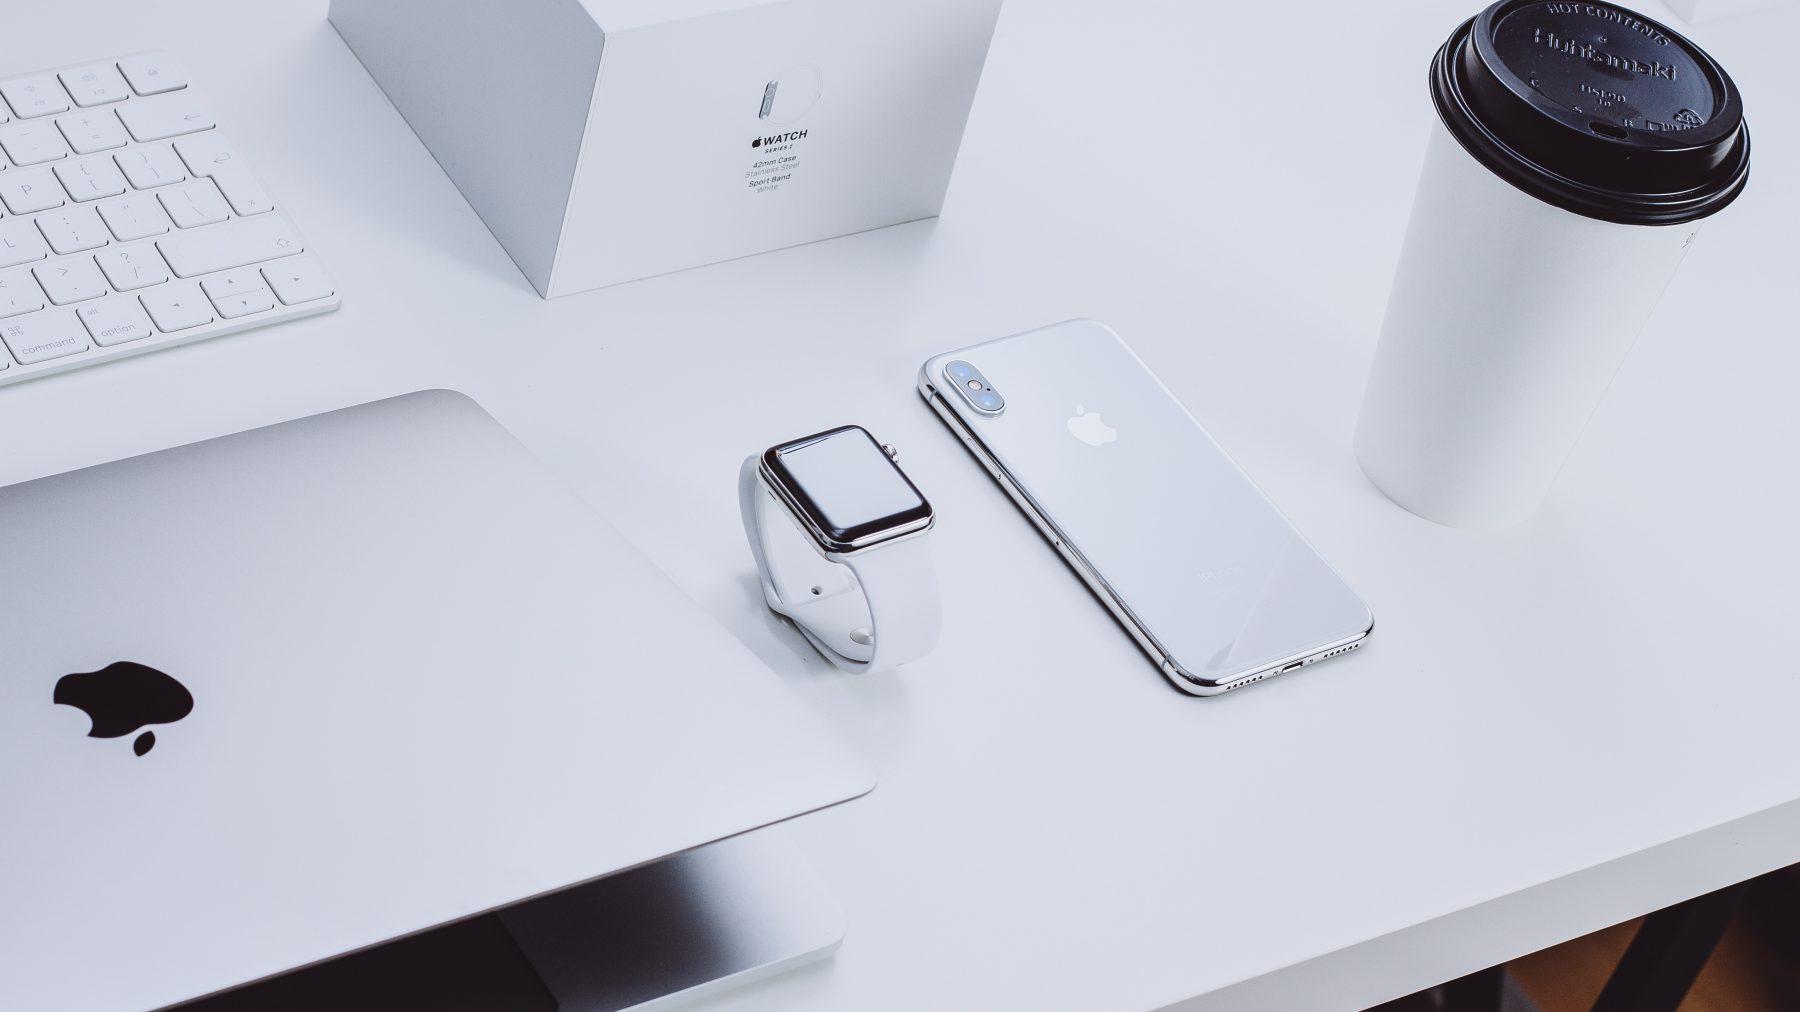 Tech / 蘋果 Macbook 和 iPhone 的螢幕解析度、尺寸比較表